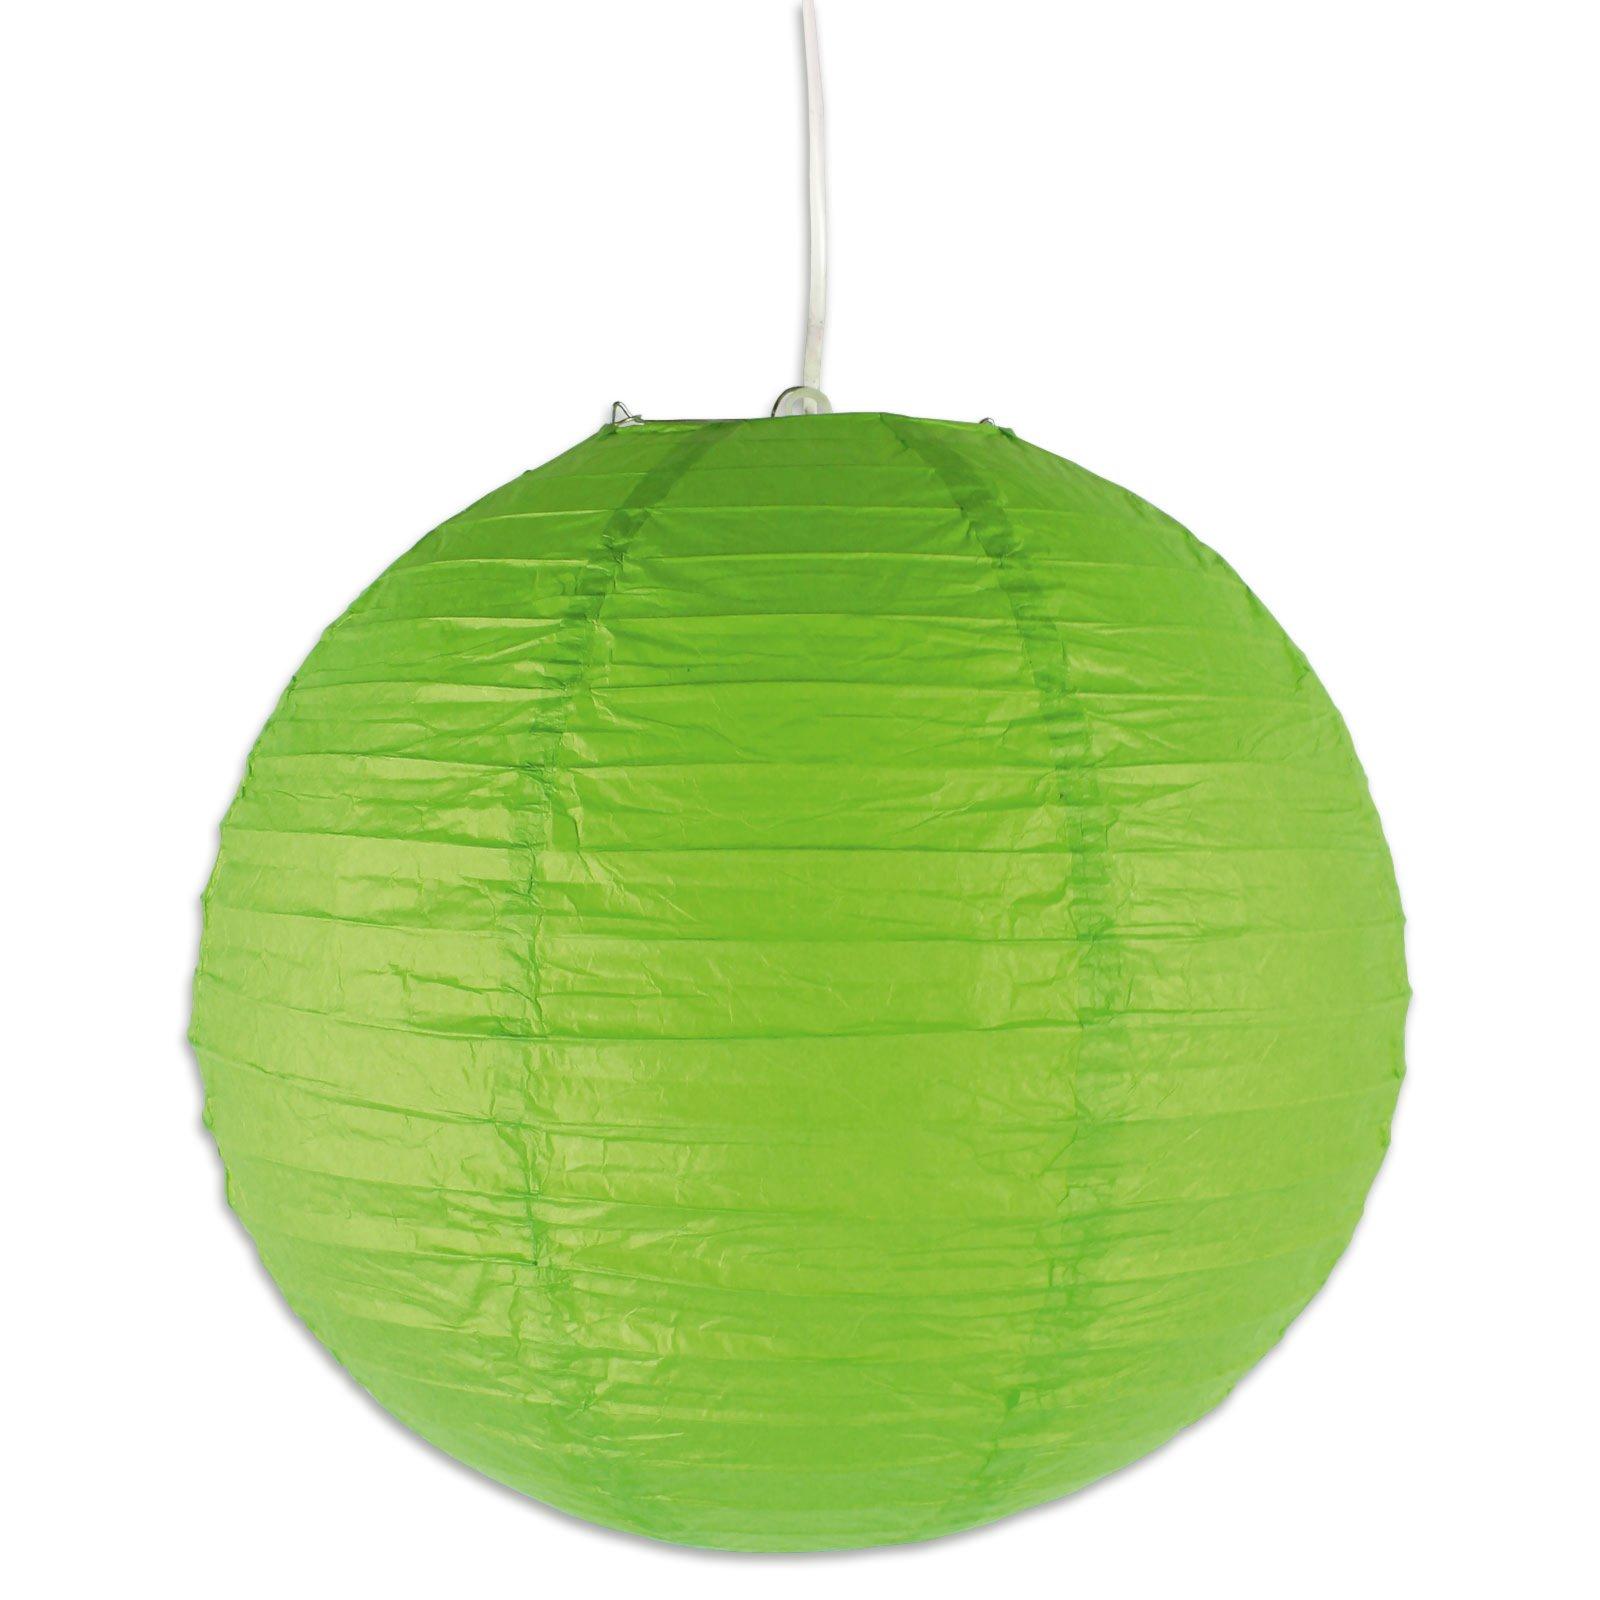 Japanballon - grün - Ø 40 cm